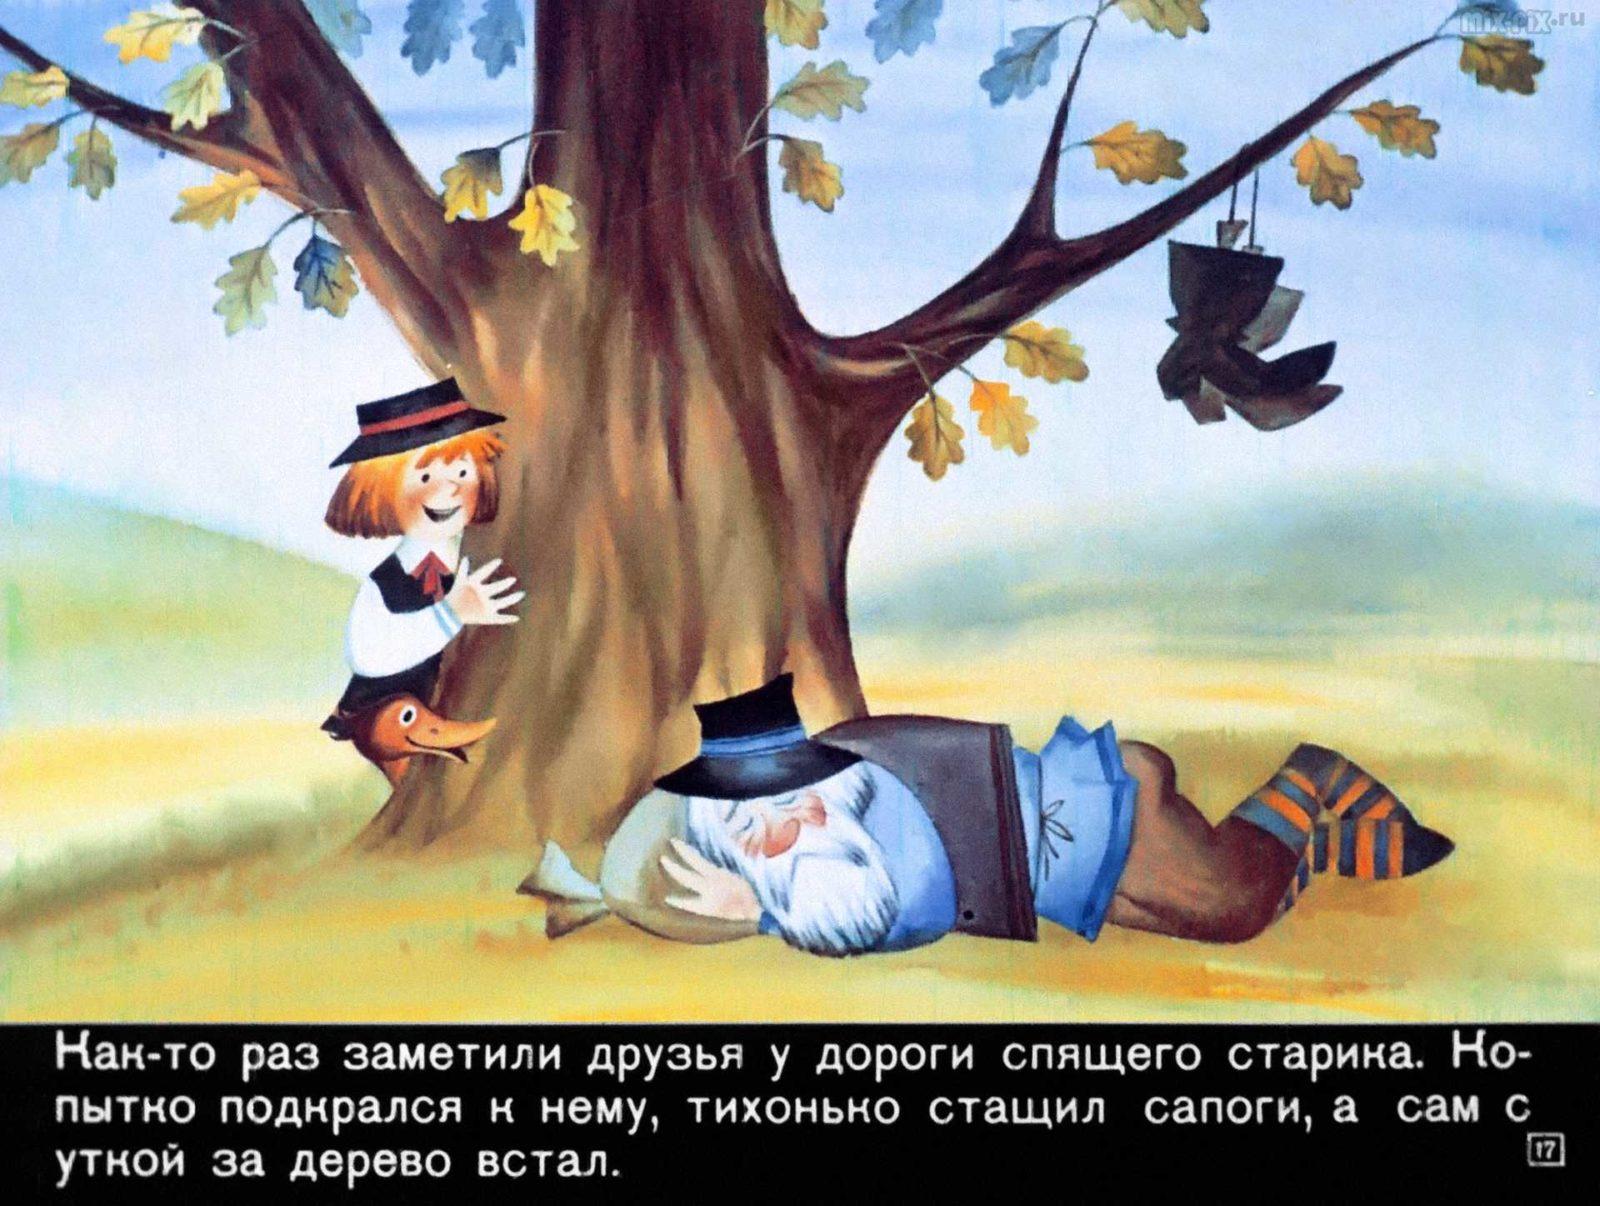 Сапожник Копытко и утка Кря (1972) 29